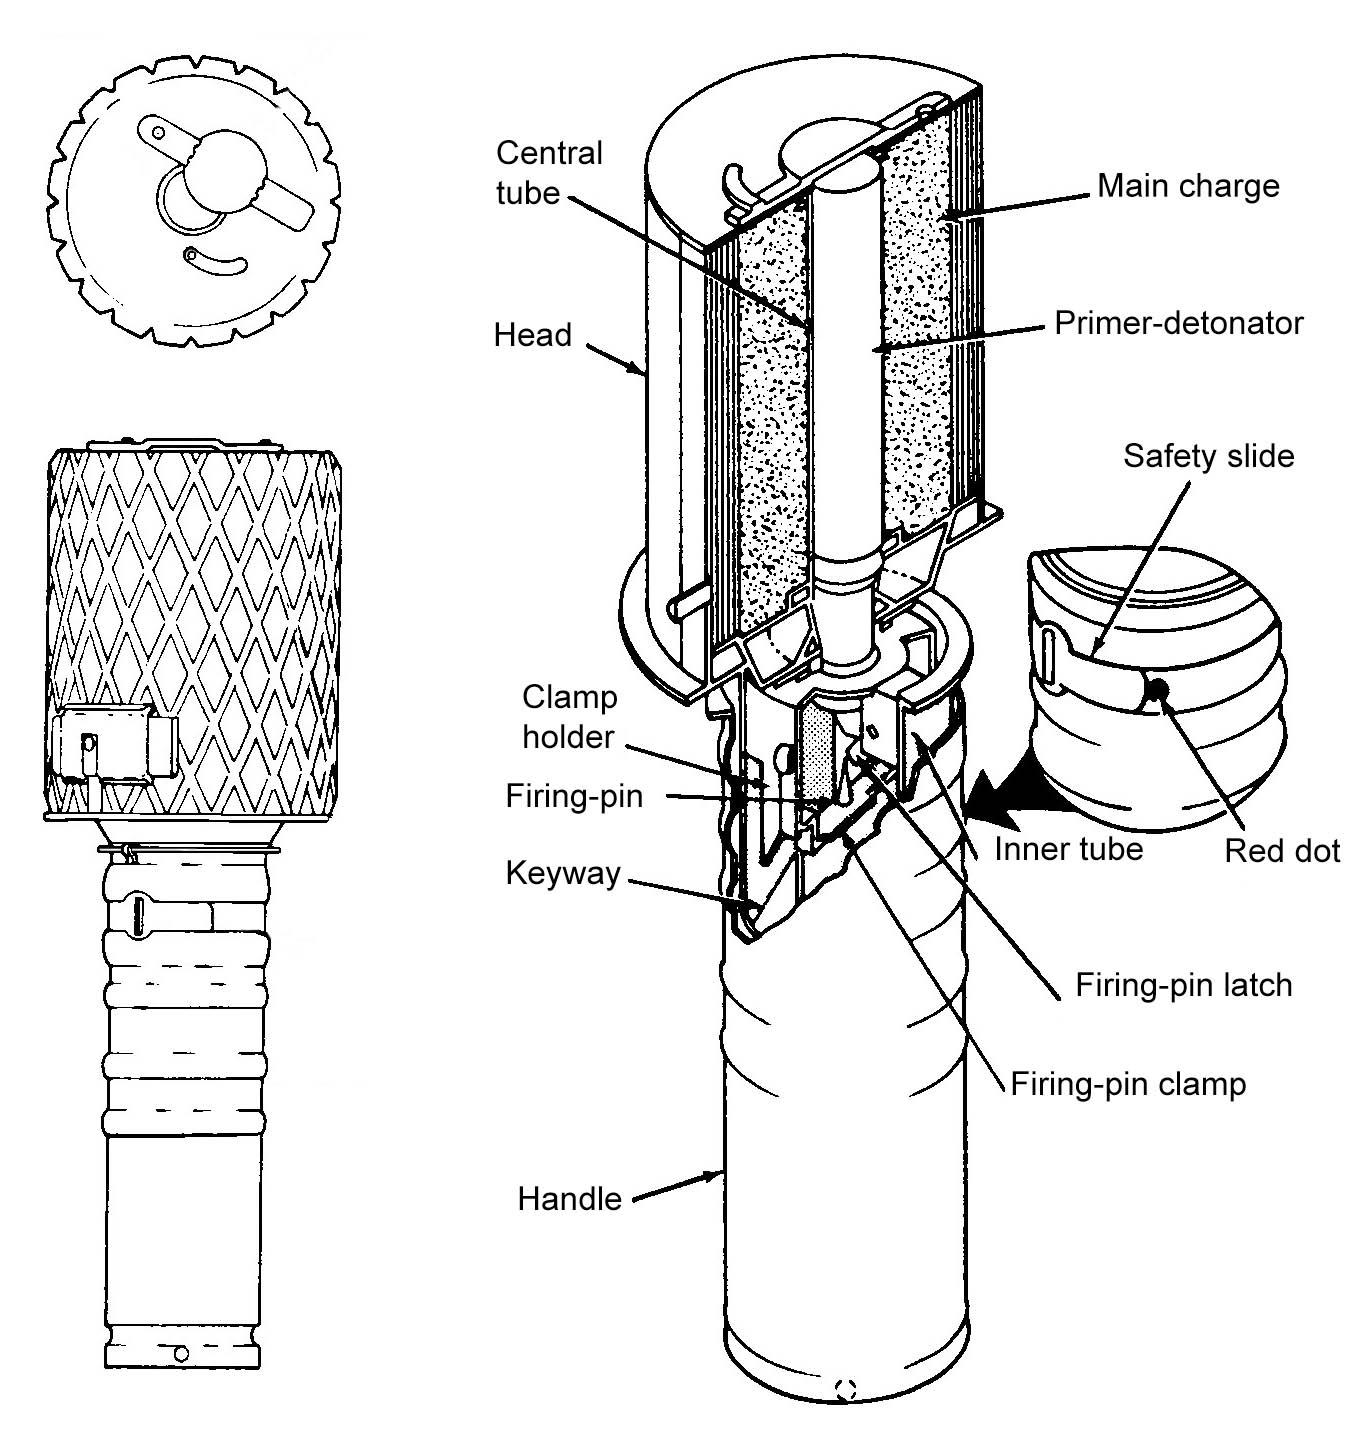 rgd-33 grenade